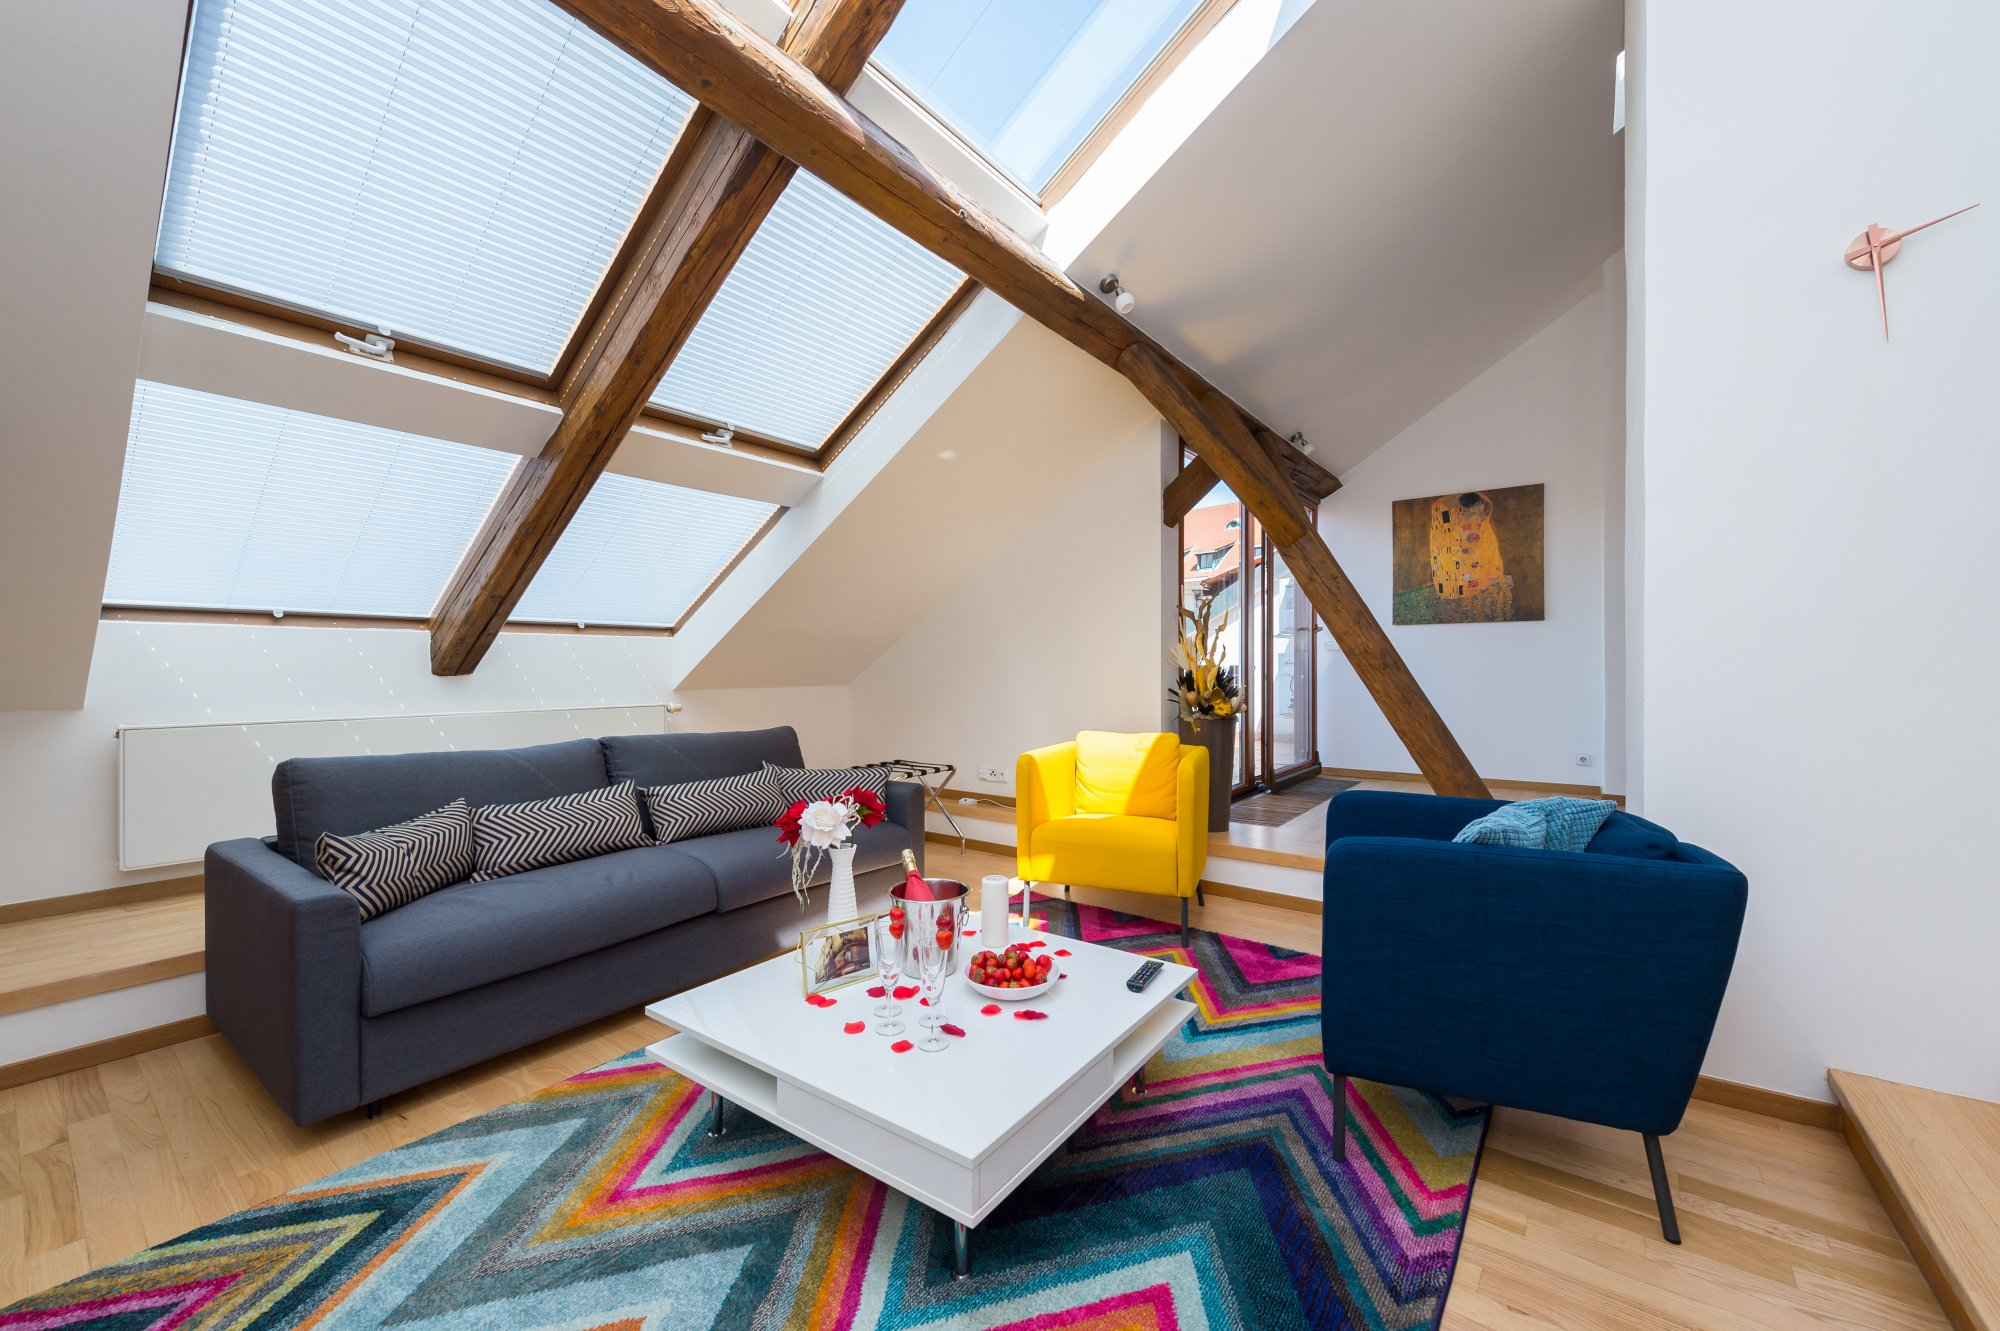 Půdní byt 4+kk, plocha 196 m², ulice Pohořelec, Praha 1 - Hradčany | 1